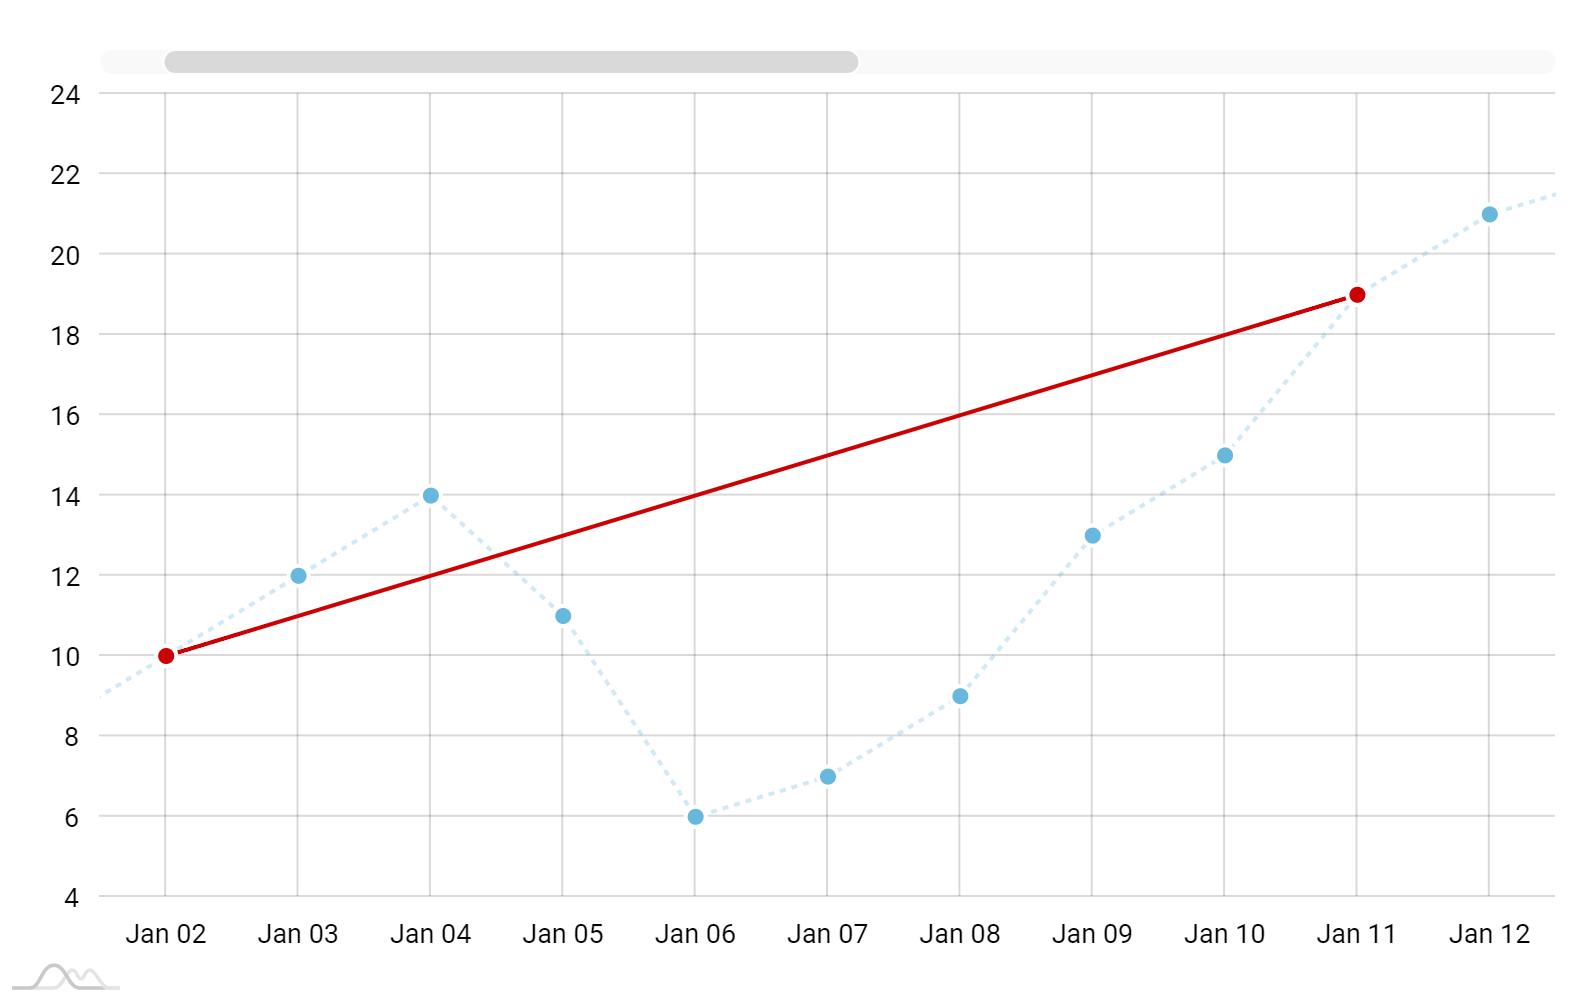 Chart Js Data Label Font Size